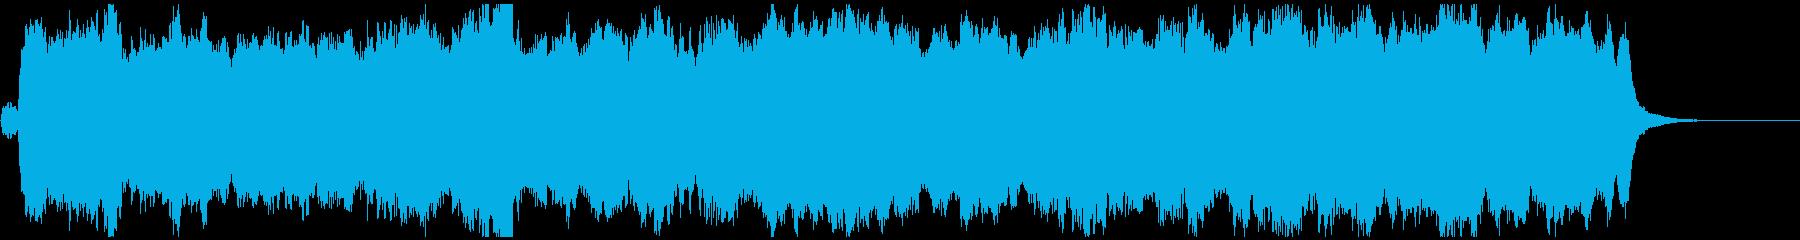 アメイジング・グレイスをオルガンソロでの再生済みの波形